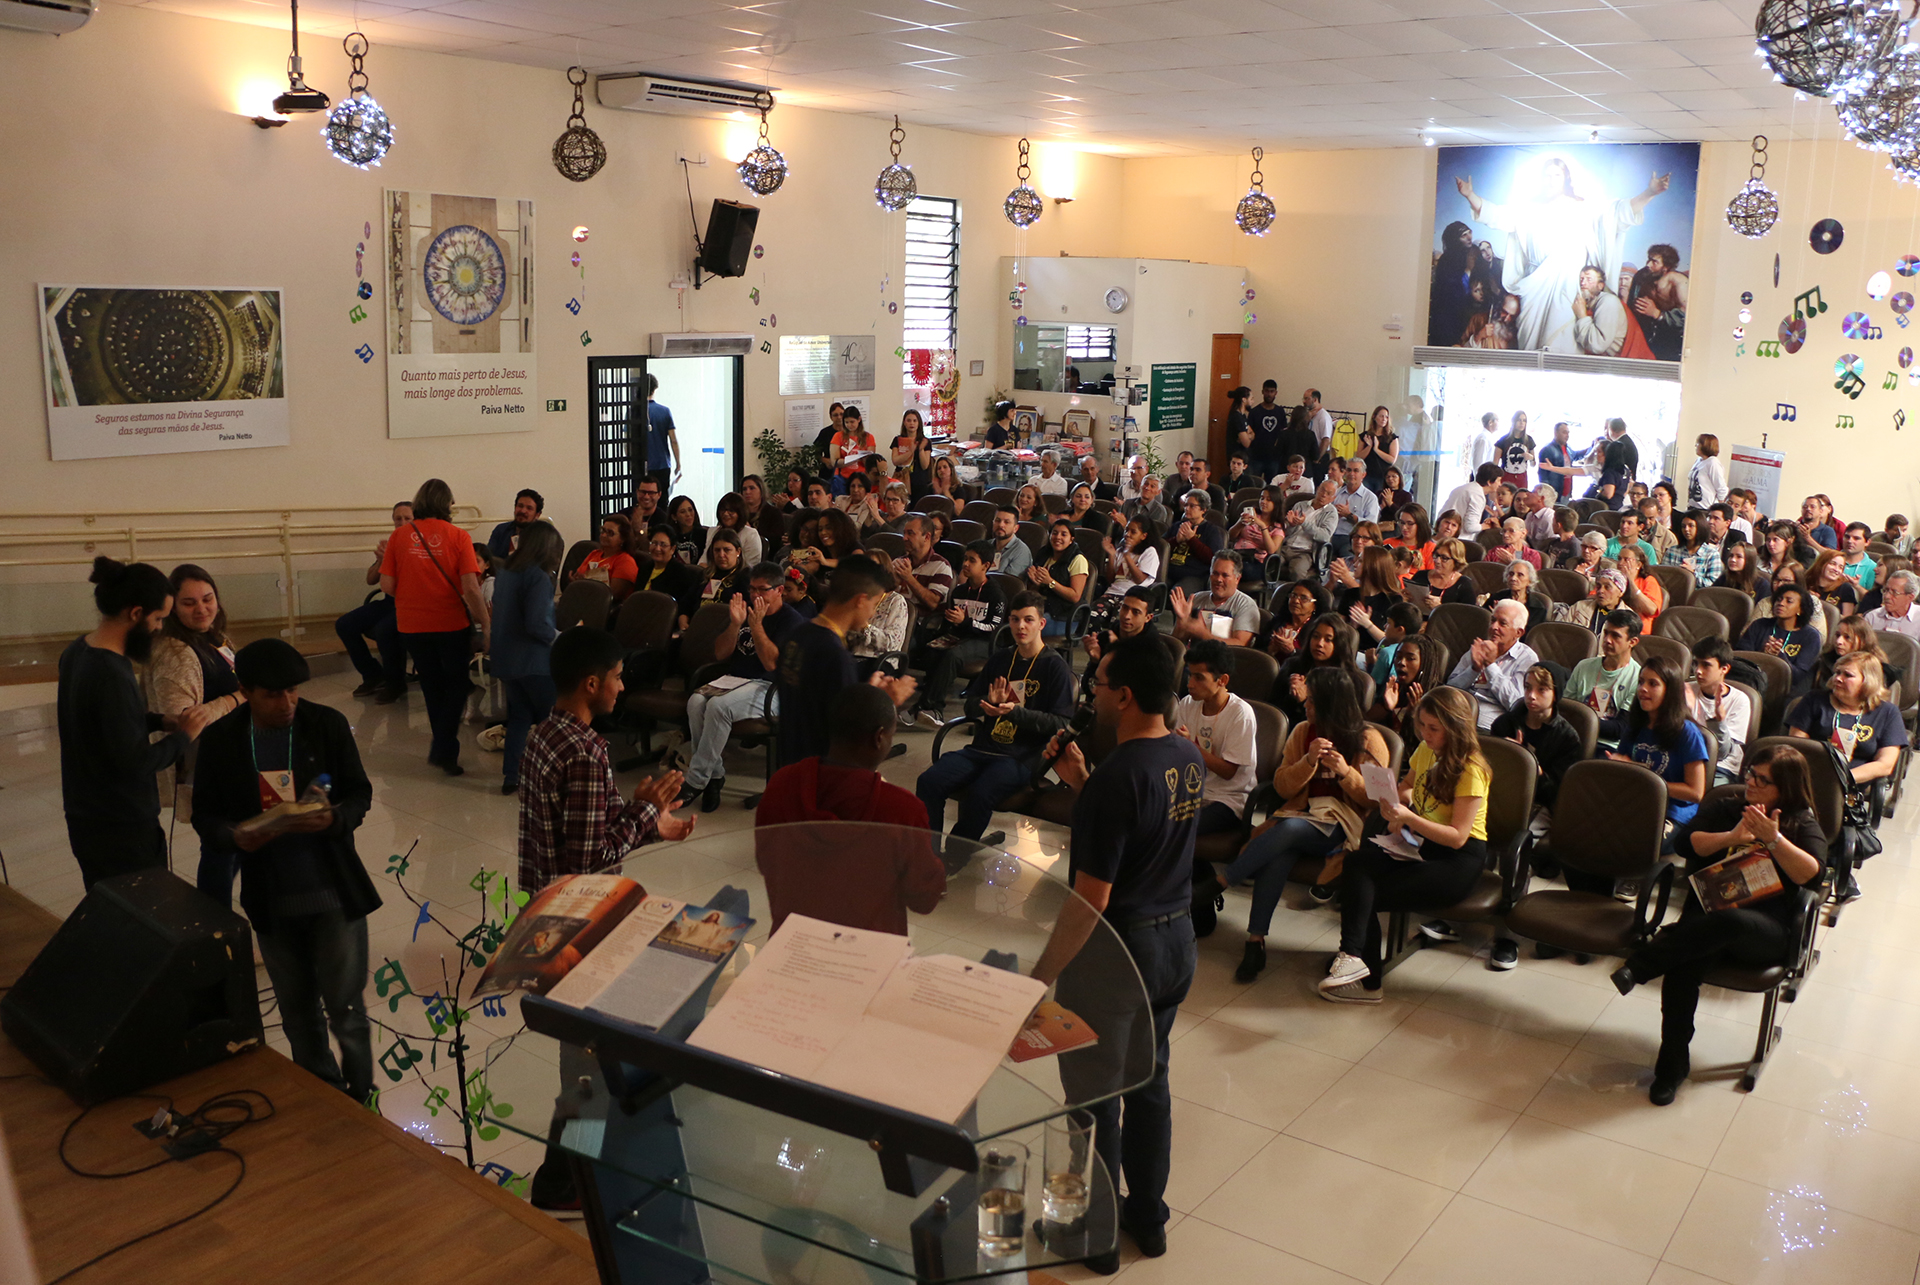 Maringá, PR - A Igreja Ecumênica na cidade